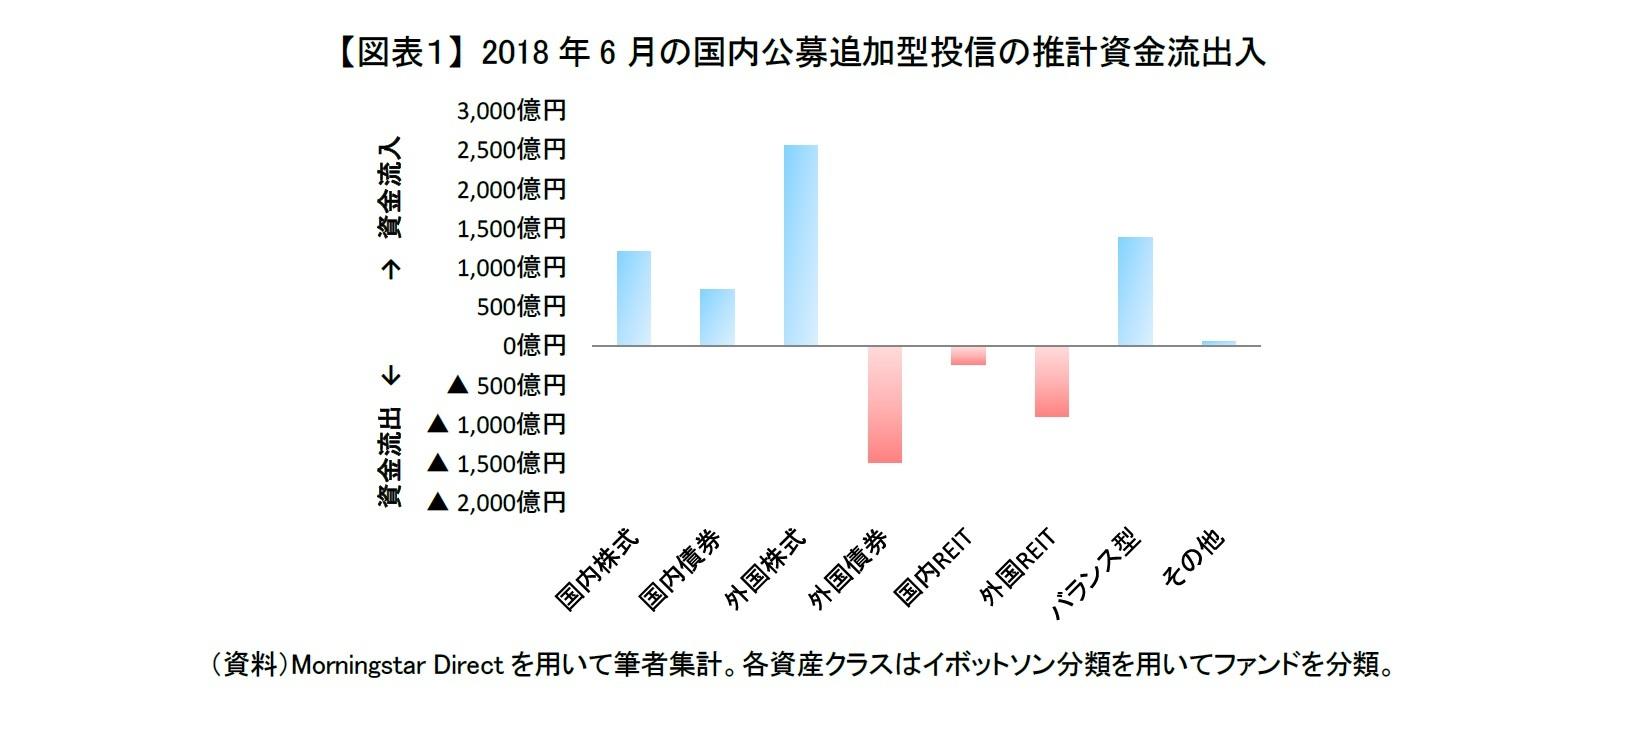 国内株式、外国株式、バランス型への資金流入が続く